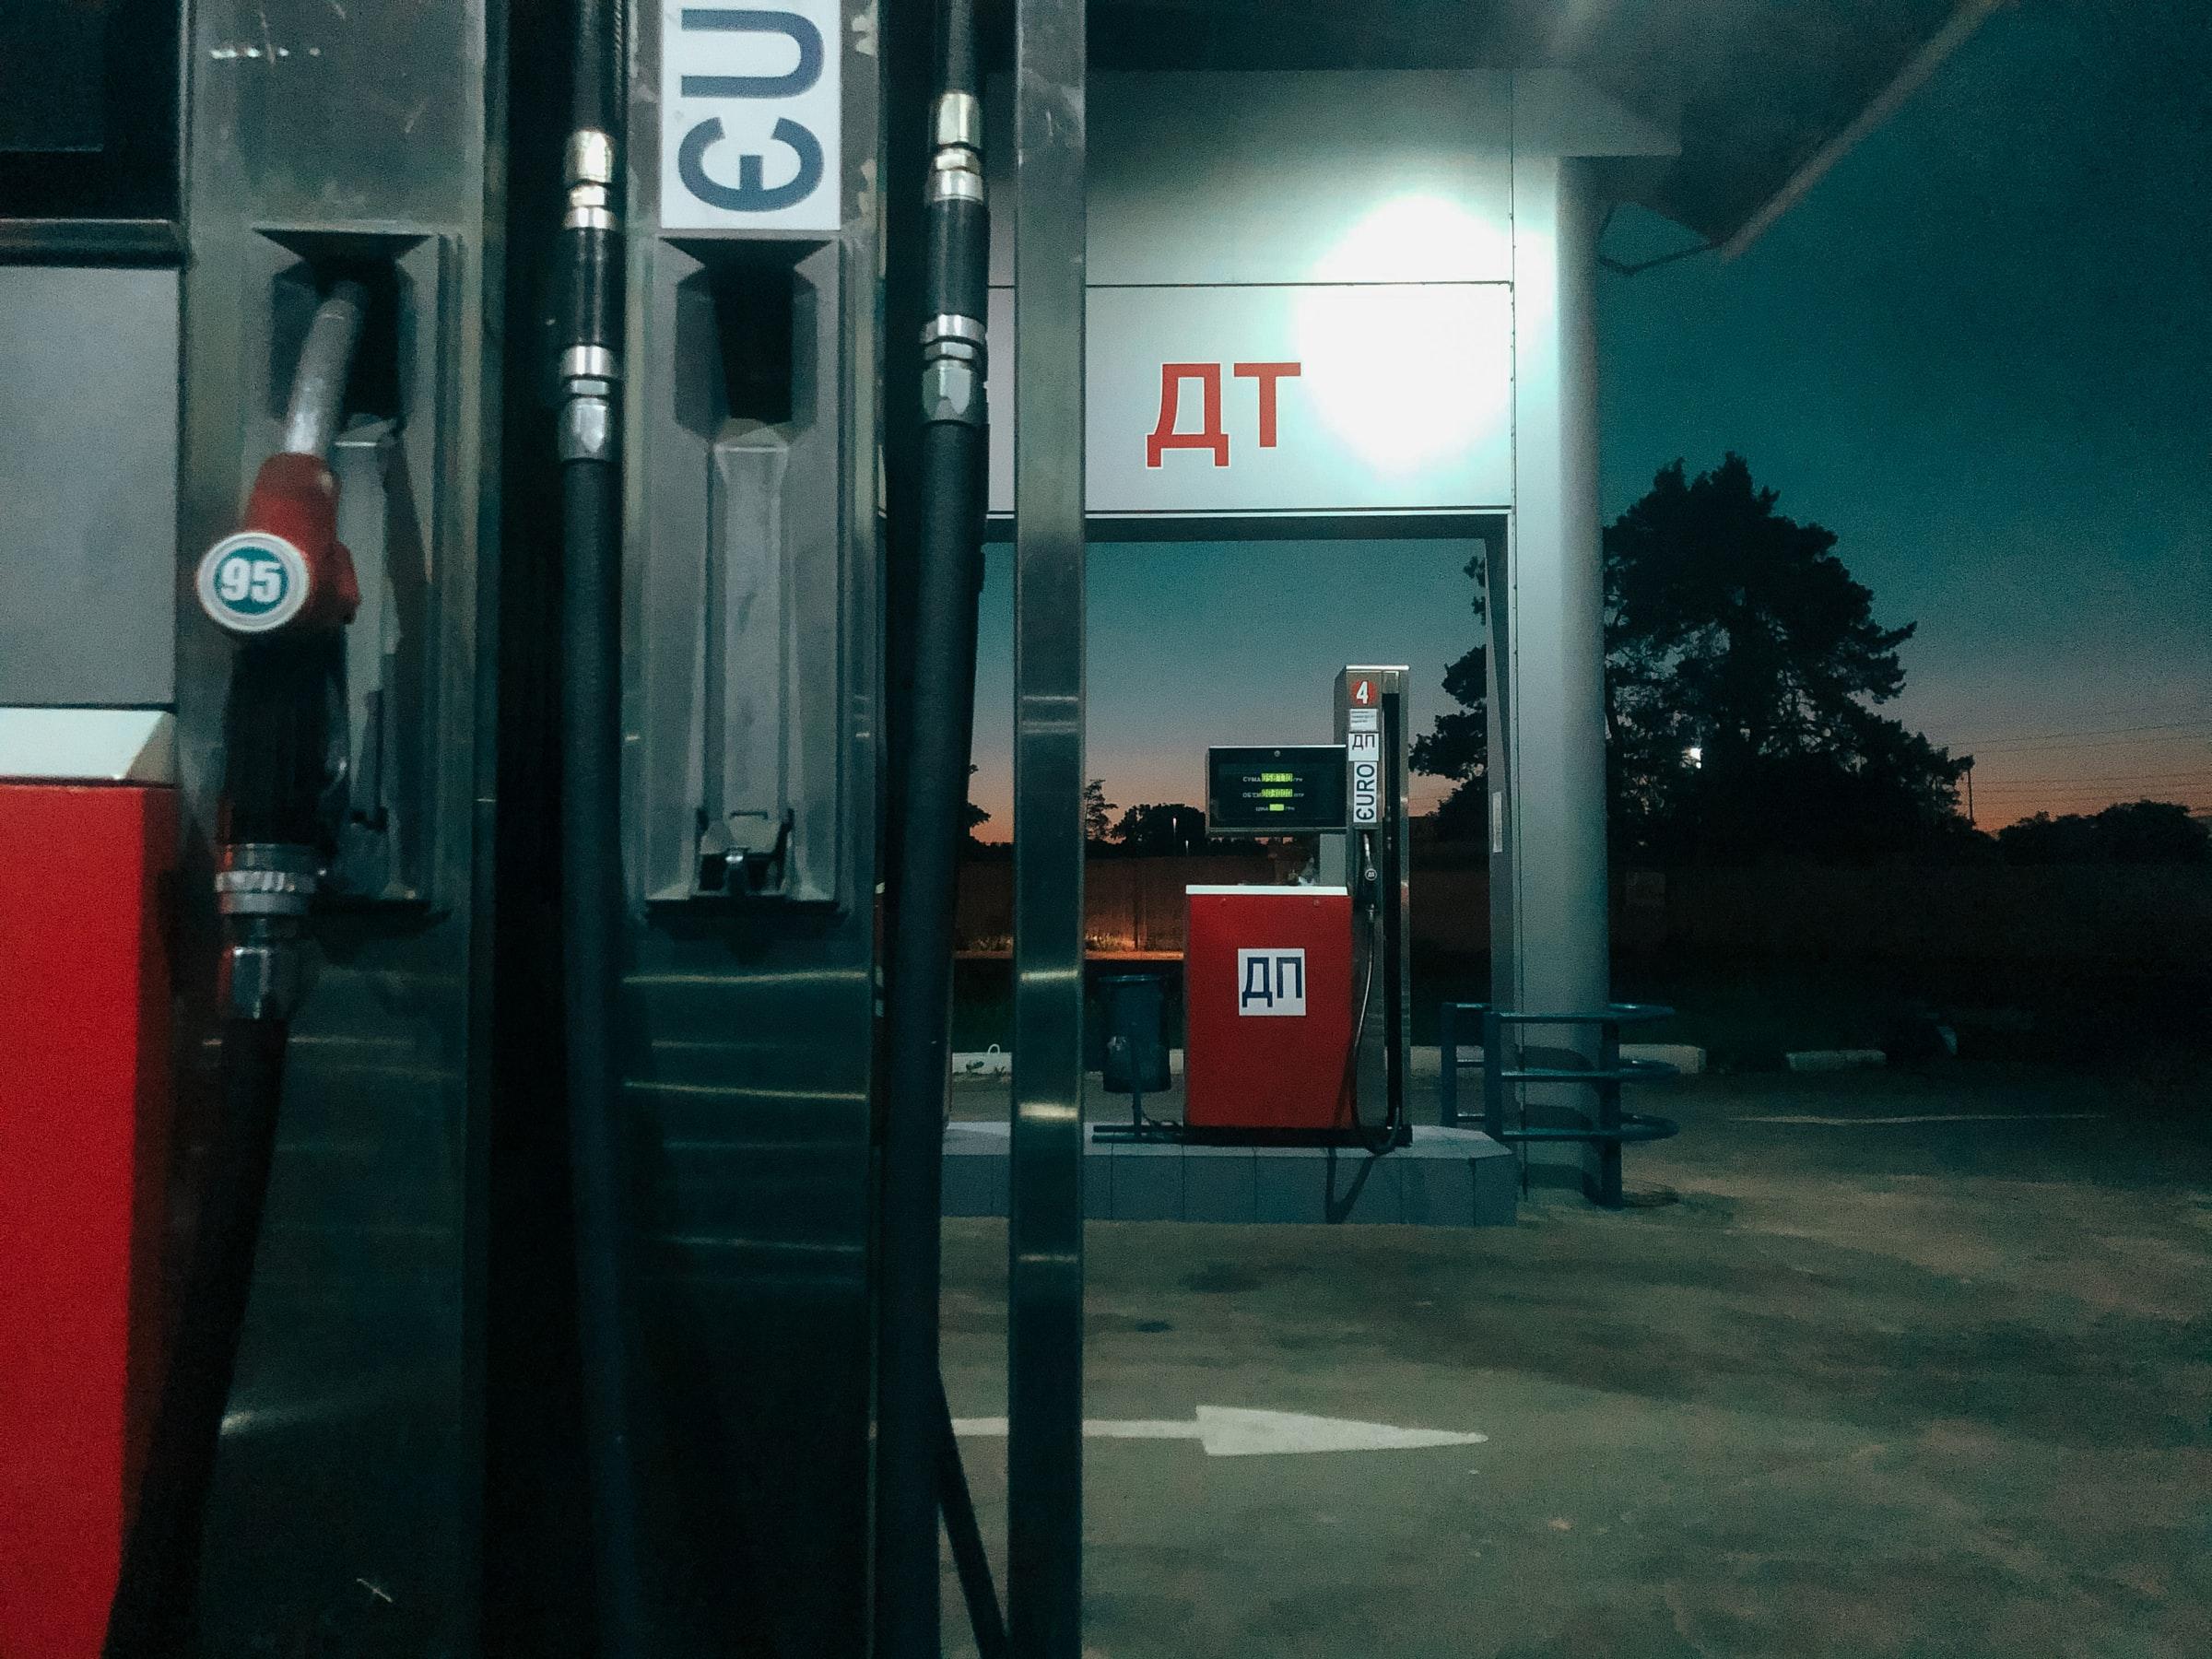 Сколько будут стоить бензин и ДТ в мае: заправки объявляют бойкот